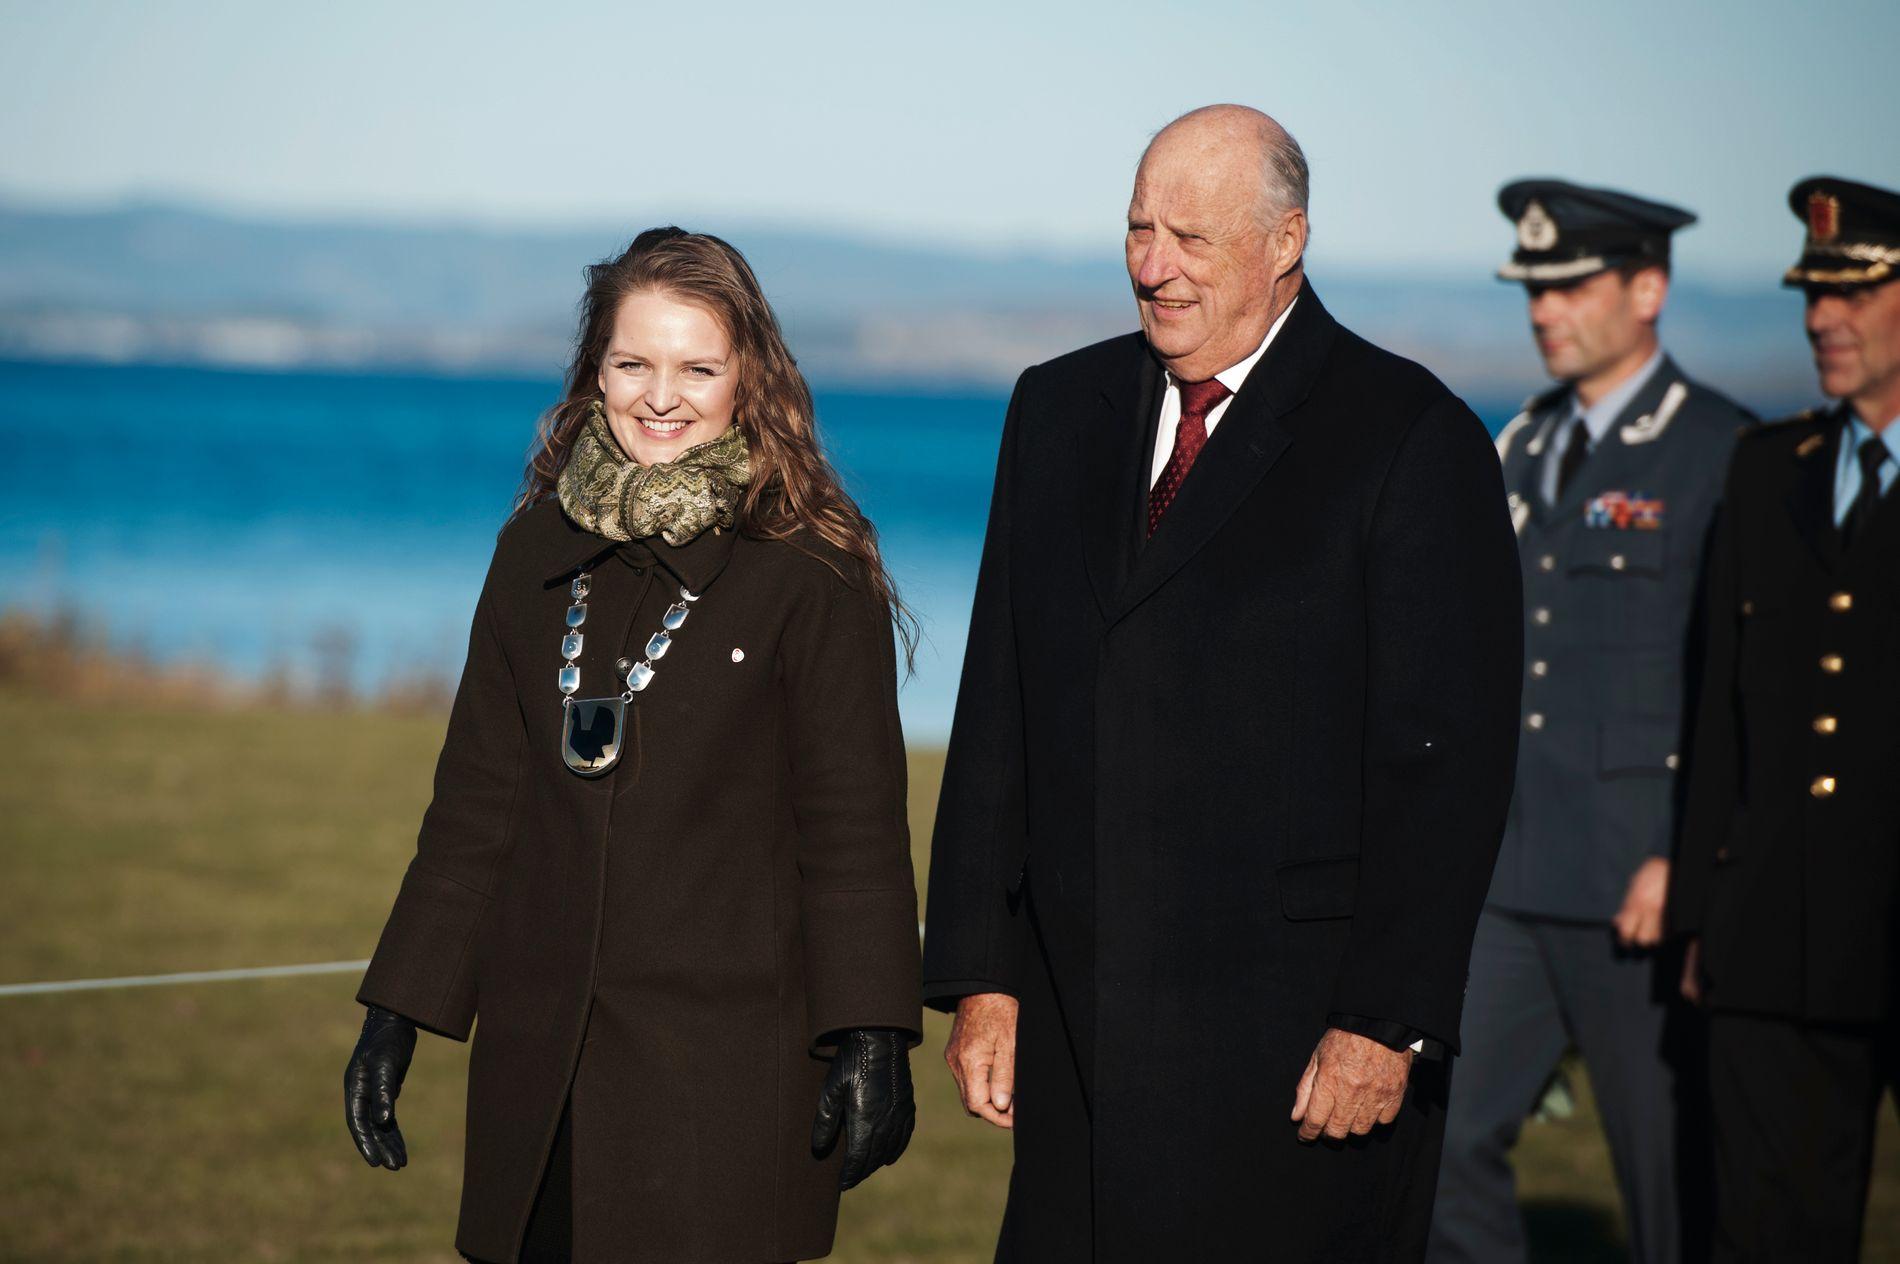 OMKOM: Malvik-ordføreren Ingrid Aune omkom i båtulykken i Namsos. Bildet er fra kong Haralds visitt i Malvik i 2016.